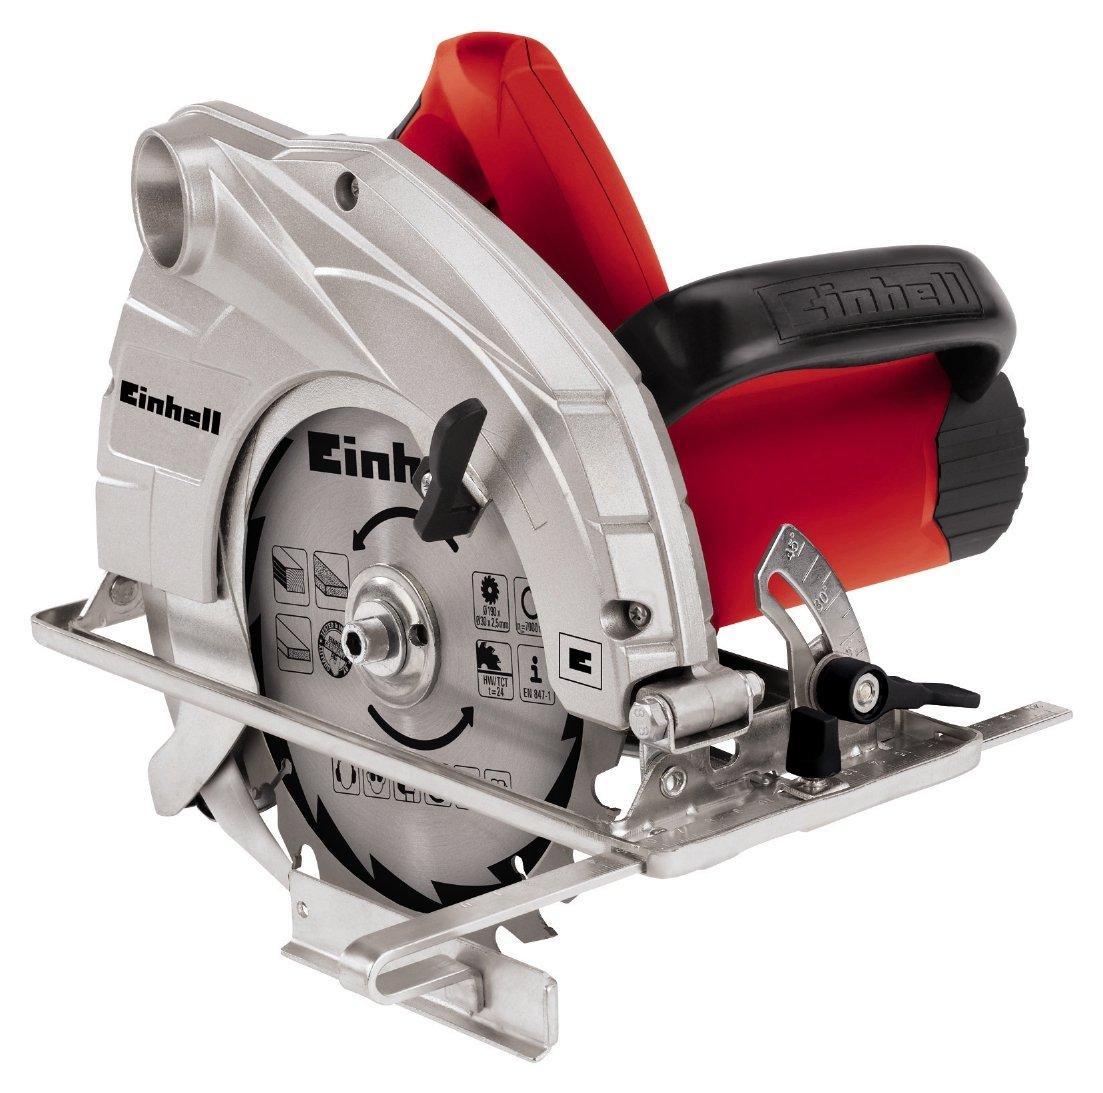 Image of Einhell 1400W 190mm (7.5 inch) Circular Saw.